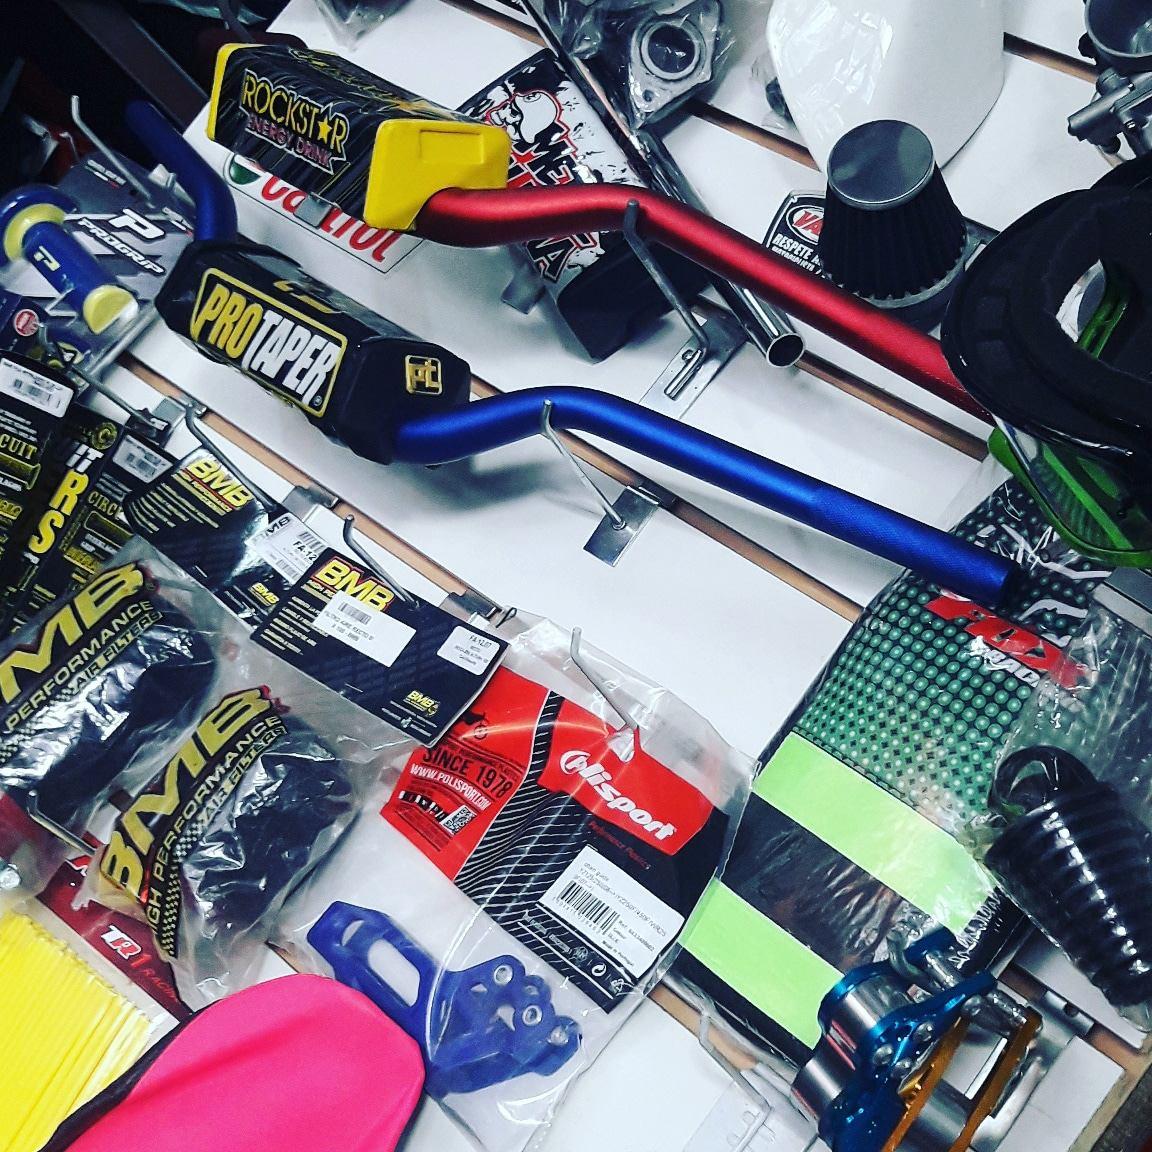 ba8f3425b51 repuestos y accesorios motos. Cargando zoom.